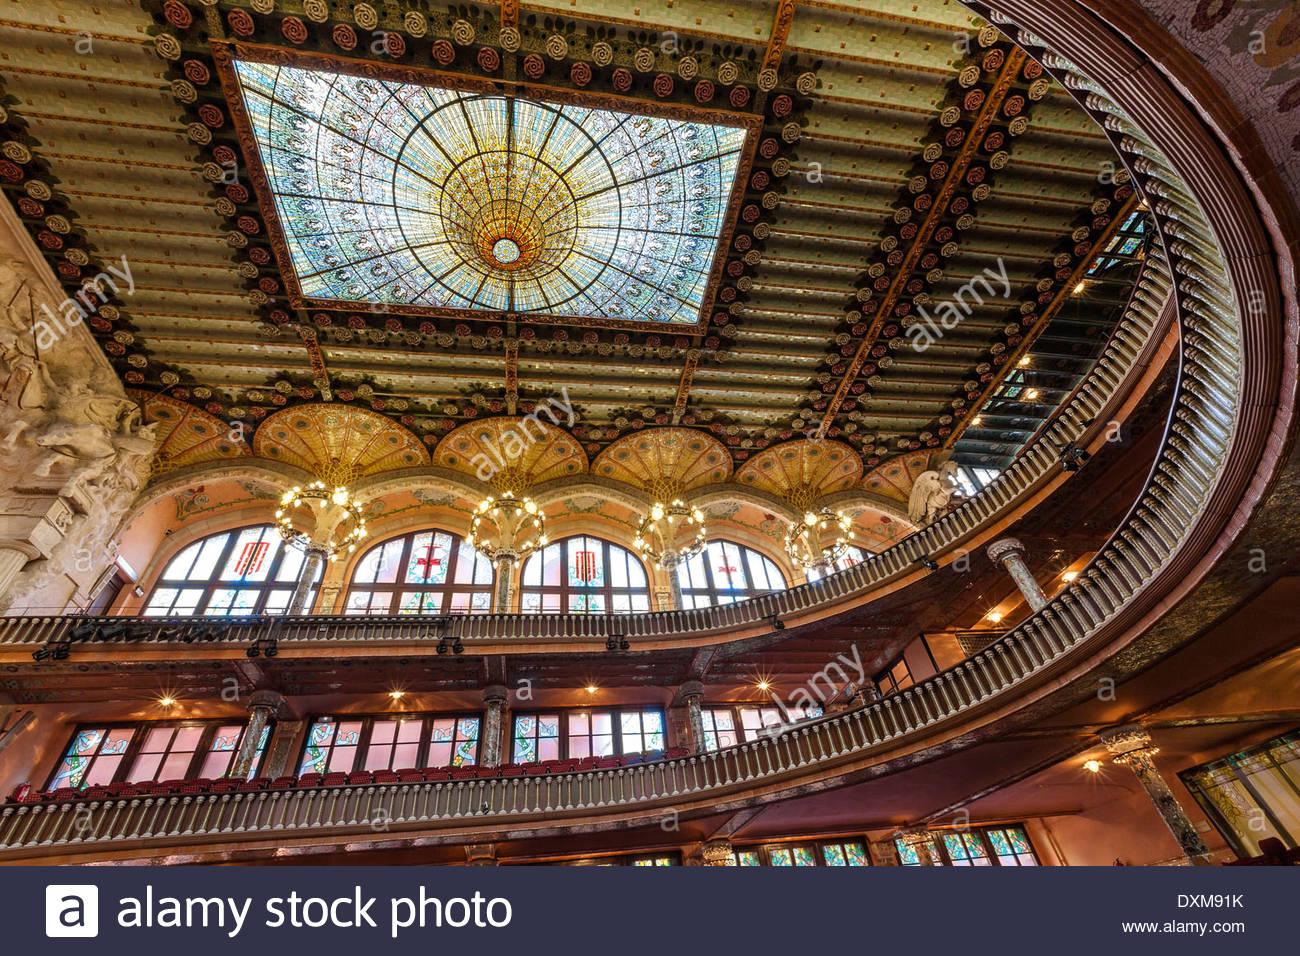 España, Cataluña, Barcelona, Borne, Palau de la música Imagen De Stock